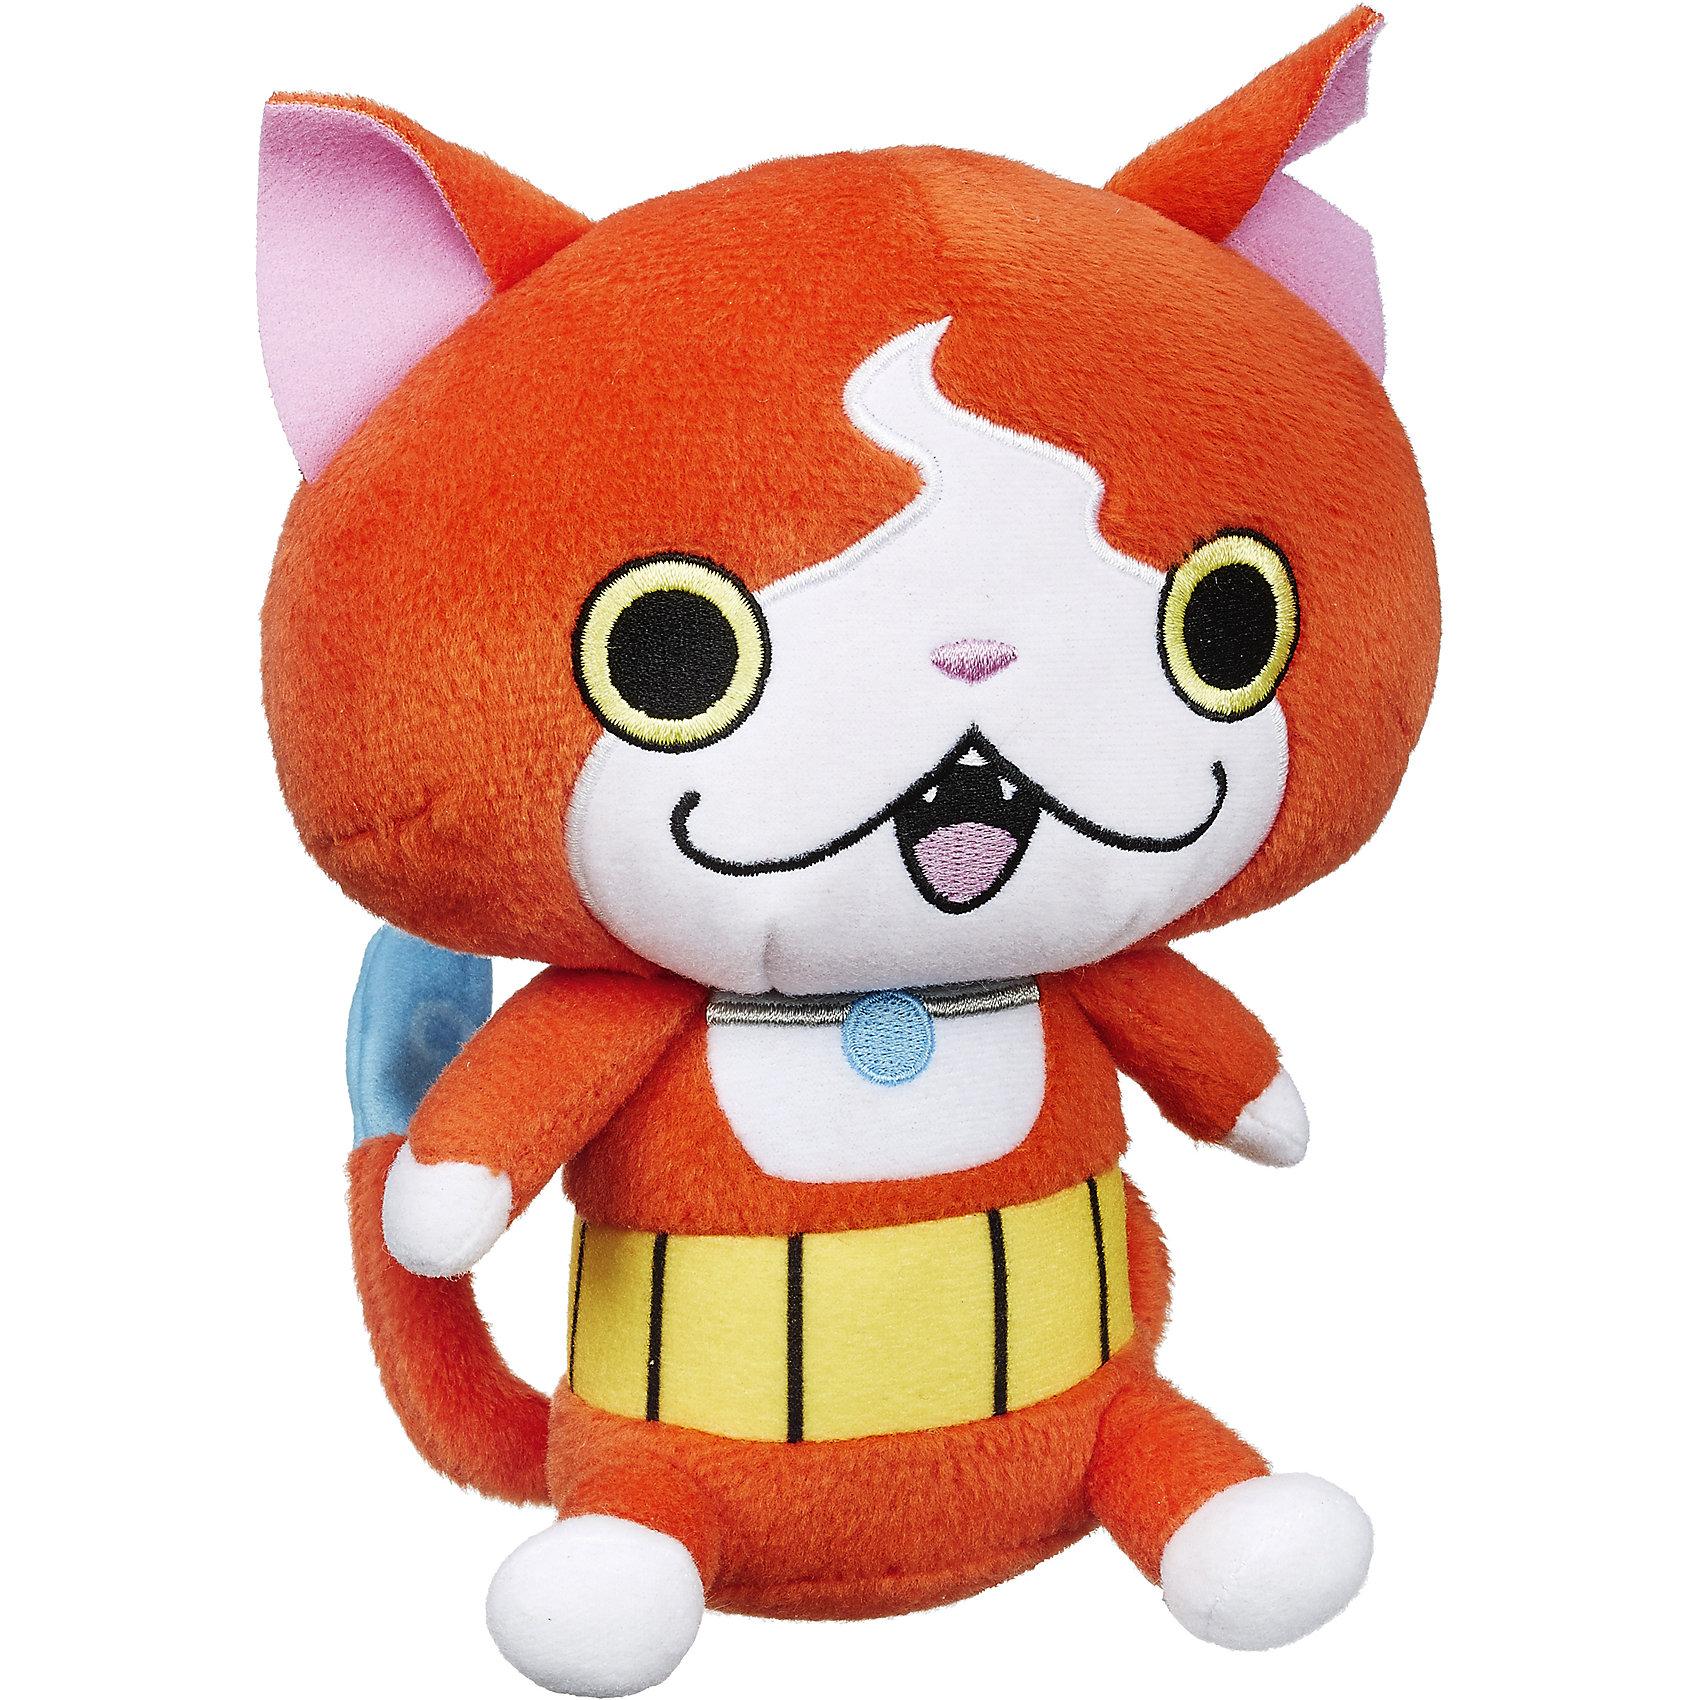 Мягкая игрушка Плюш, Екай вотч, Jibanyan B5949/B5950Плюш, Екай вотч, B5949/B5950.<br><br>Характеристики:<br><br>- Материал: плюш, текстиль<br>- Размер упаковки: 15 х 10 х 20 см.<br><br>Плюшевая игрушка в виде рыжего кота-призрака по имени Jibanyan станет началом яркой коллекции настоящего ценителя Yo-Kai. Игрушка в точности повторяет своего прототипа, поэтому может стать основной для разыгрывания увлекательных приключений по мотивам по мотивам популярного аниме о духах Йокай. Игрушка изготовлена из гипоаллергенного плюша с приятной на ощупь бархатистой поверхностью, окрашена стойкими безопасными красителями.<br><br>Игрушку Плюш, Екай вотч, B5949/B5950 можно купить в нашем интернет-магазине.<br><br>Ширина мм: 102<br>Глубина мм: 152<br>Высота мм: 675<br>Вес г: 108<br>Возраст от месяцев: 36<br>Возраст до месяцев: 144<br>Пол: Мужской<br>Возраст: Детский<br>SKU: 5064728